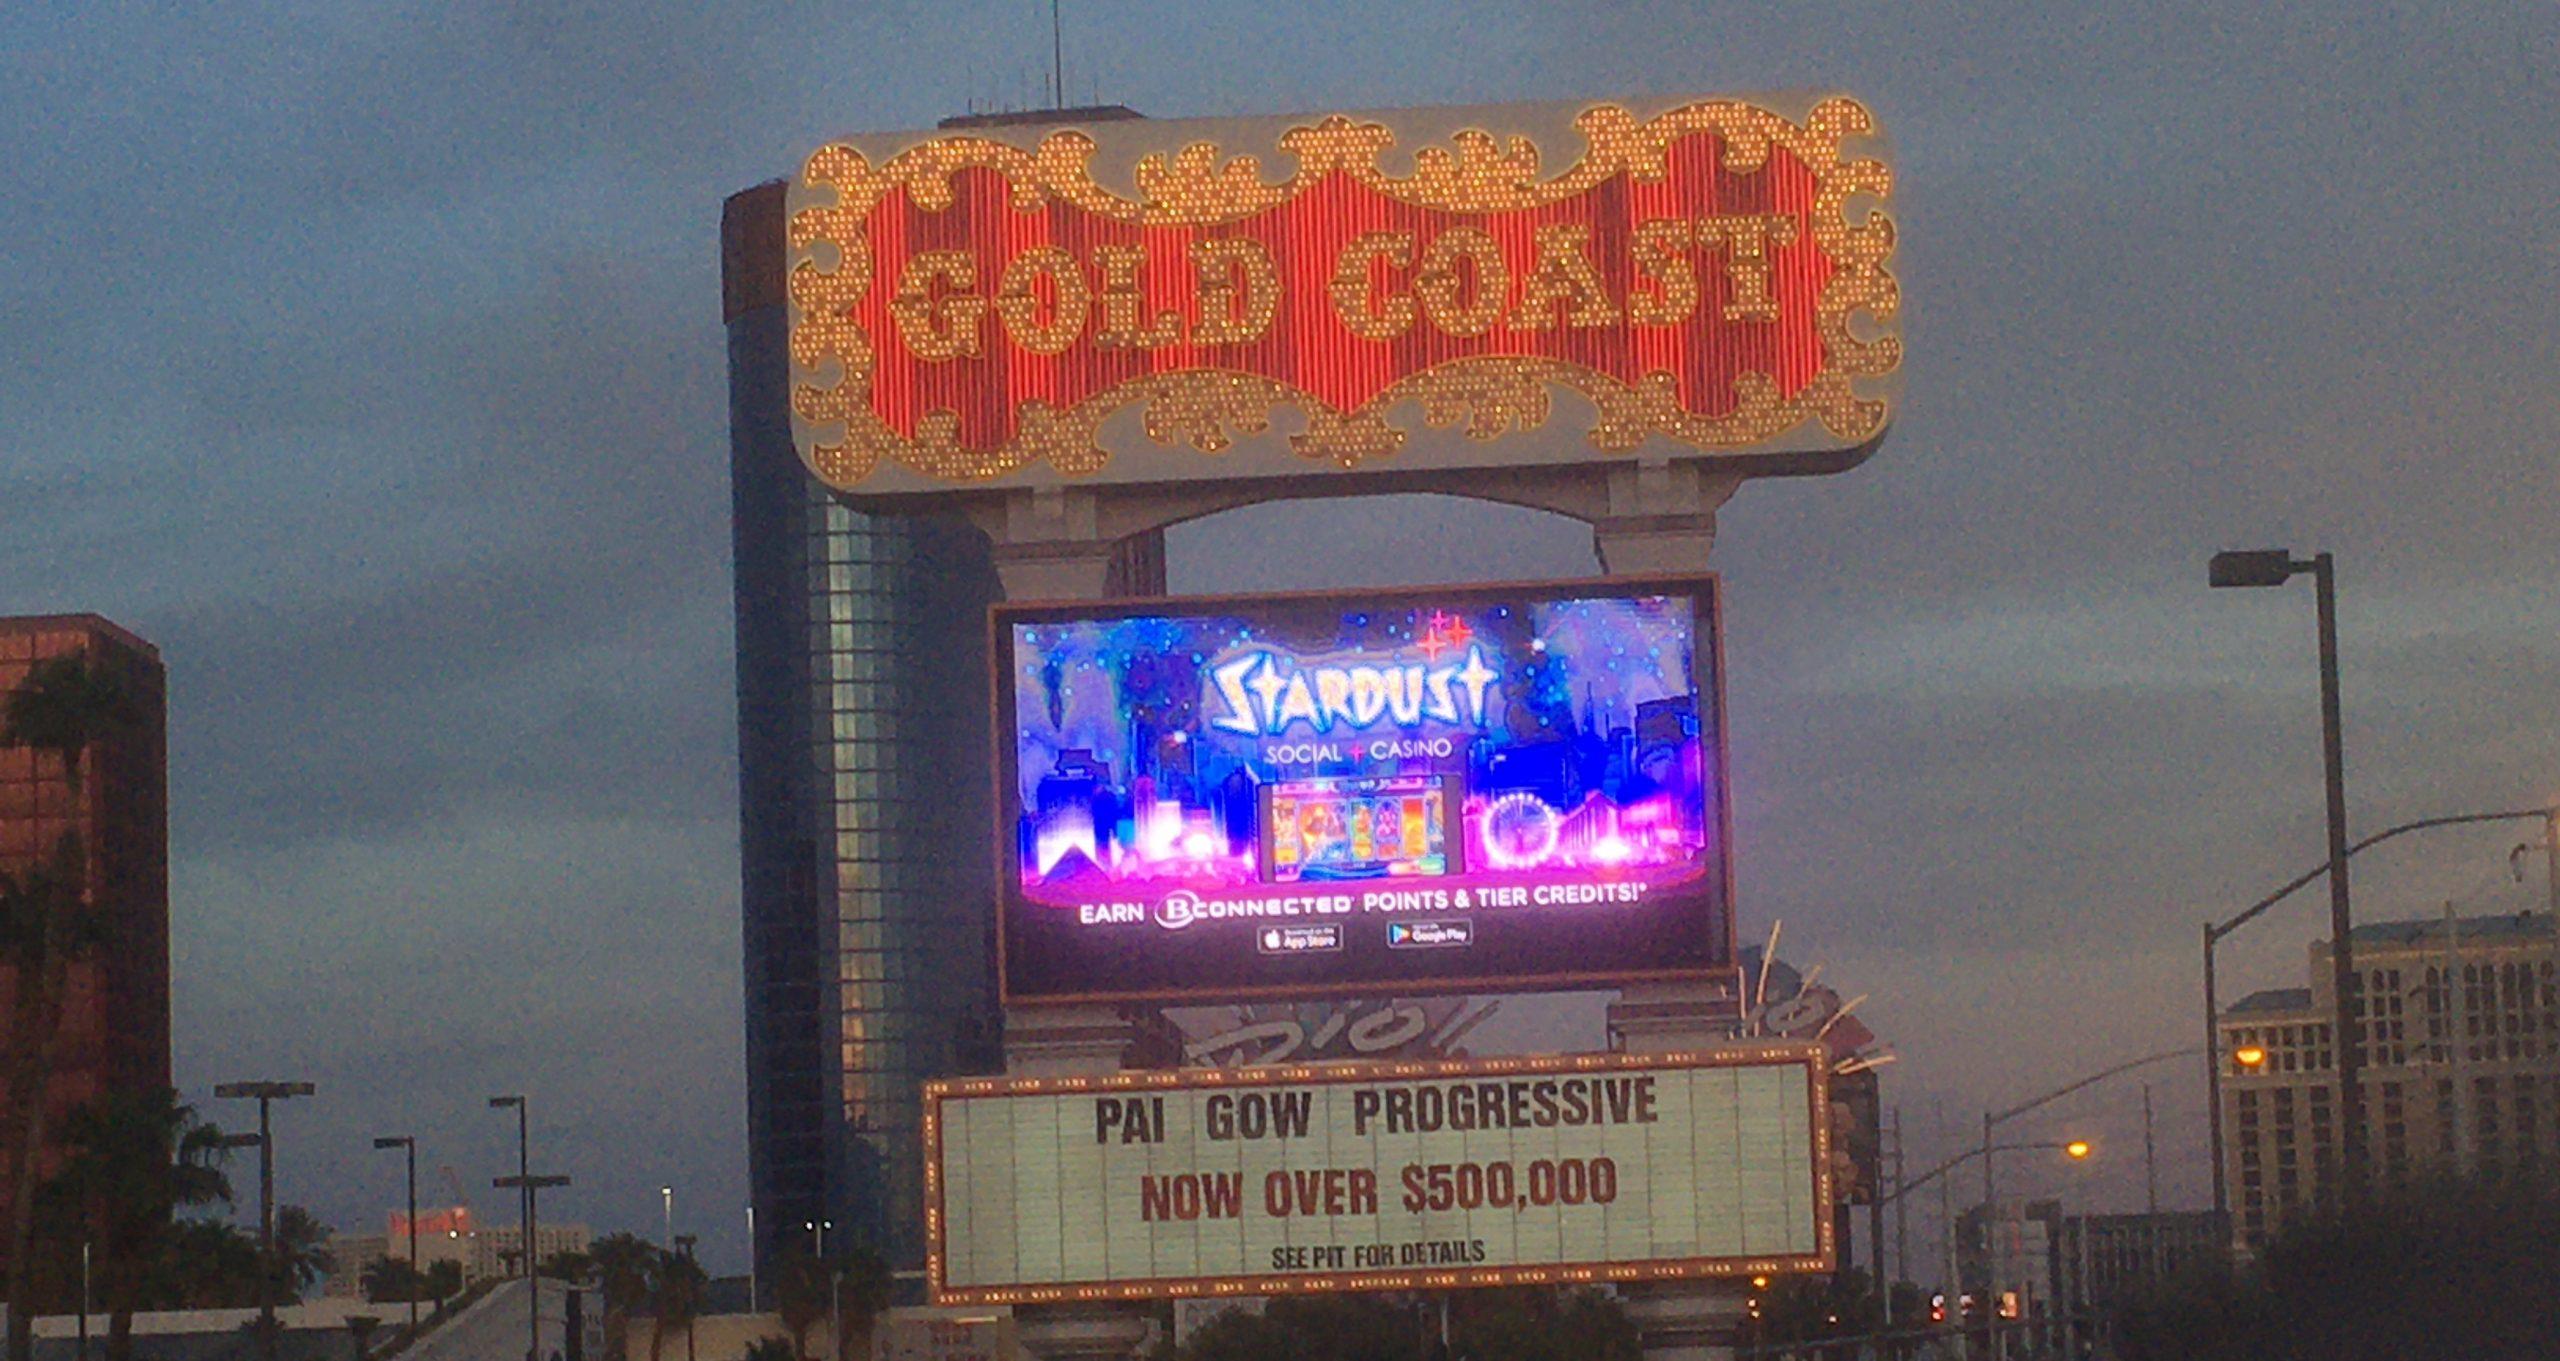 Gold Coast Las Vegas, Gold Coast Hotel and Casino, Gold Coast 2020, Gold Coast Hotel and Casino 2020